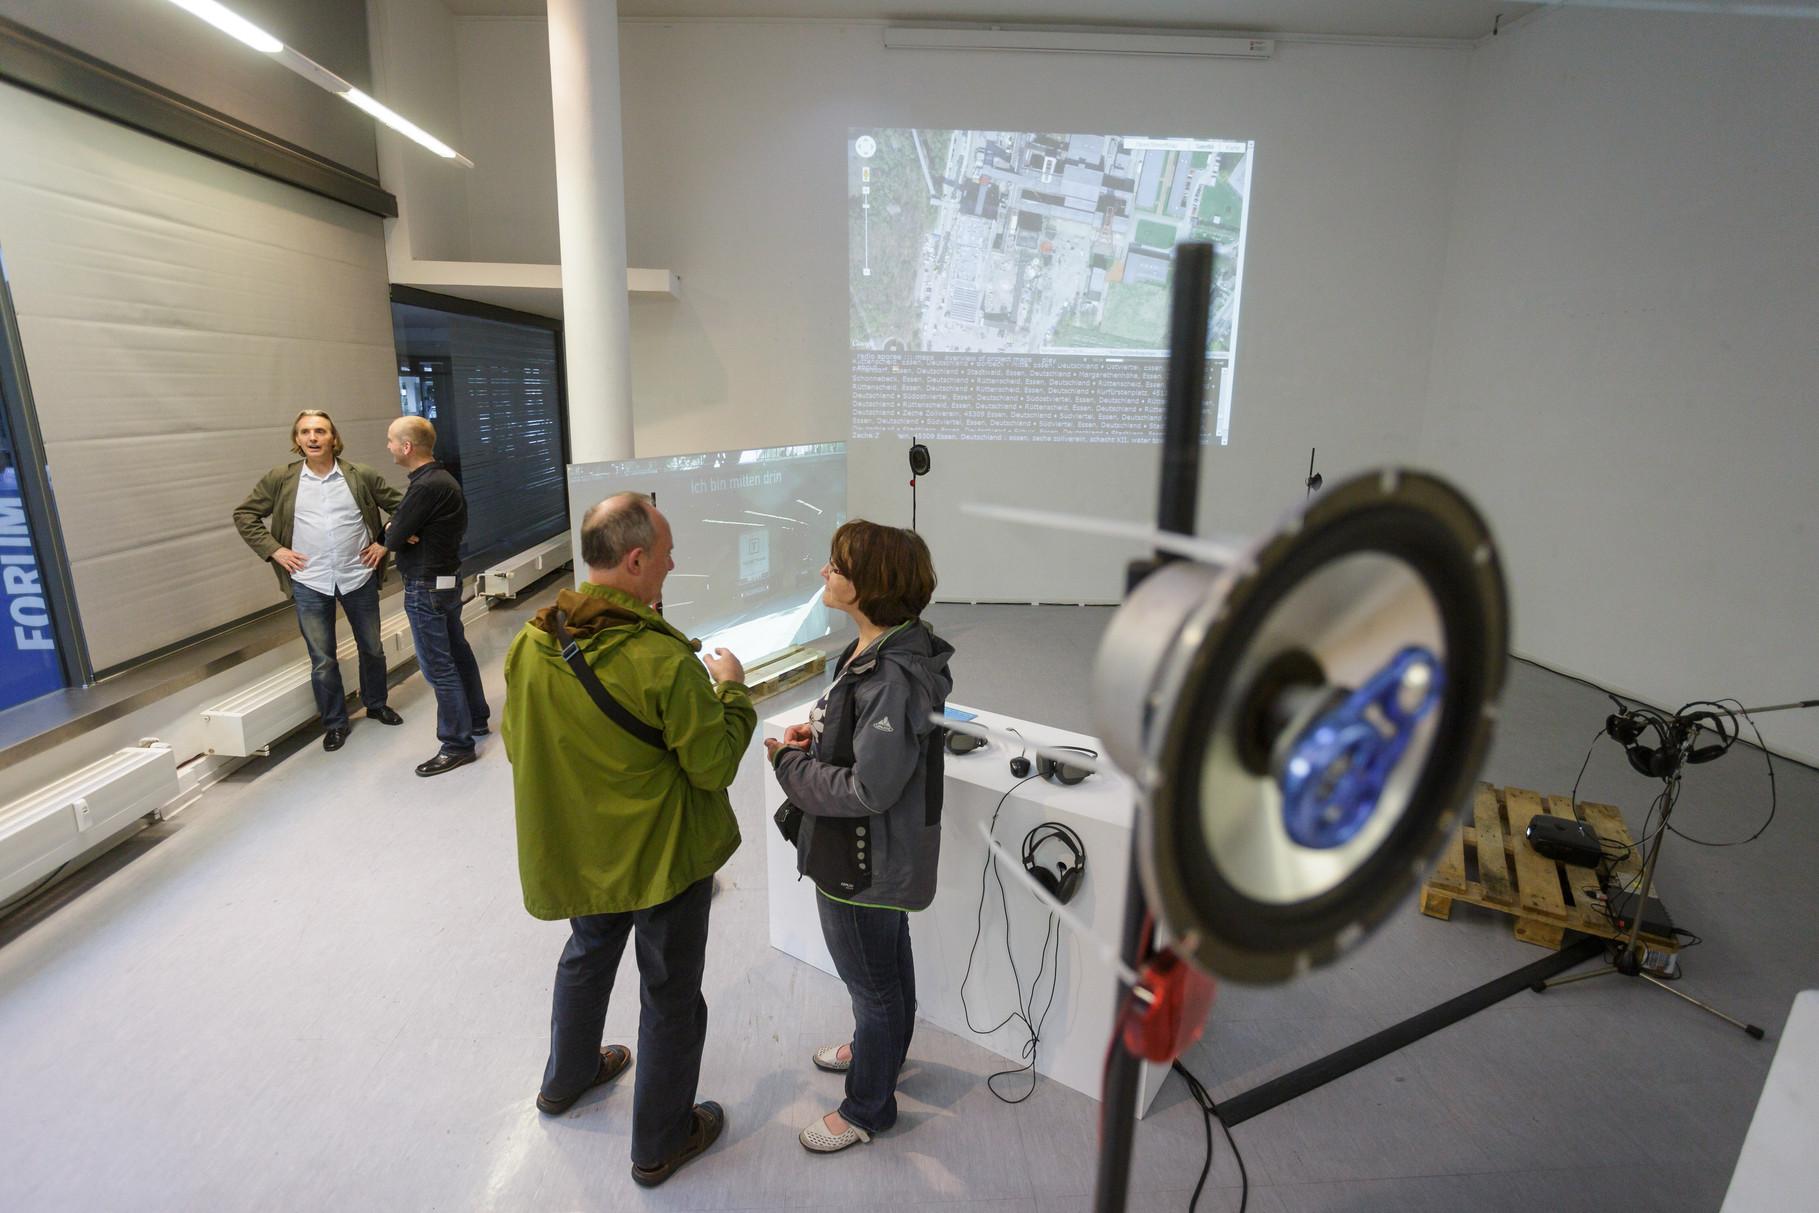 Stadtklang //: Hörorte -  Forum für Kunst & Architektur - EG - Photo: Olaf Ziegler